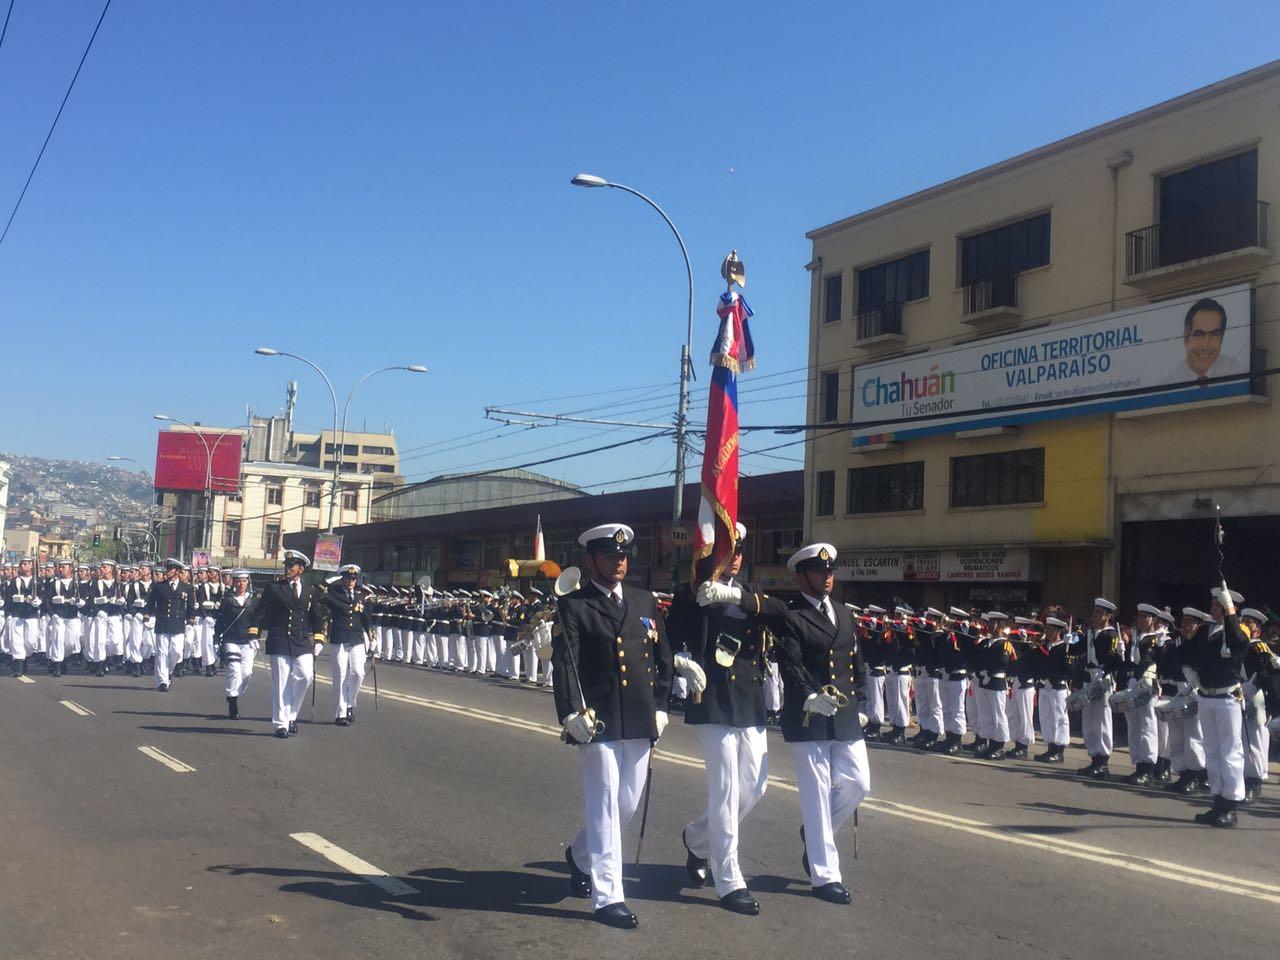 Tradicional parada militar porteña es declarada patrimonio cultural inmaterial de Valparaíso